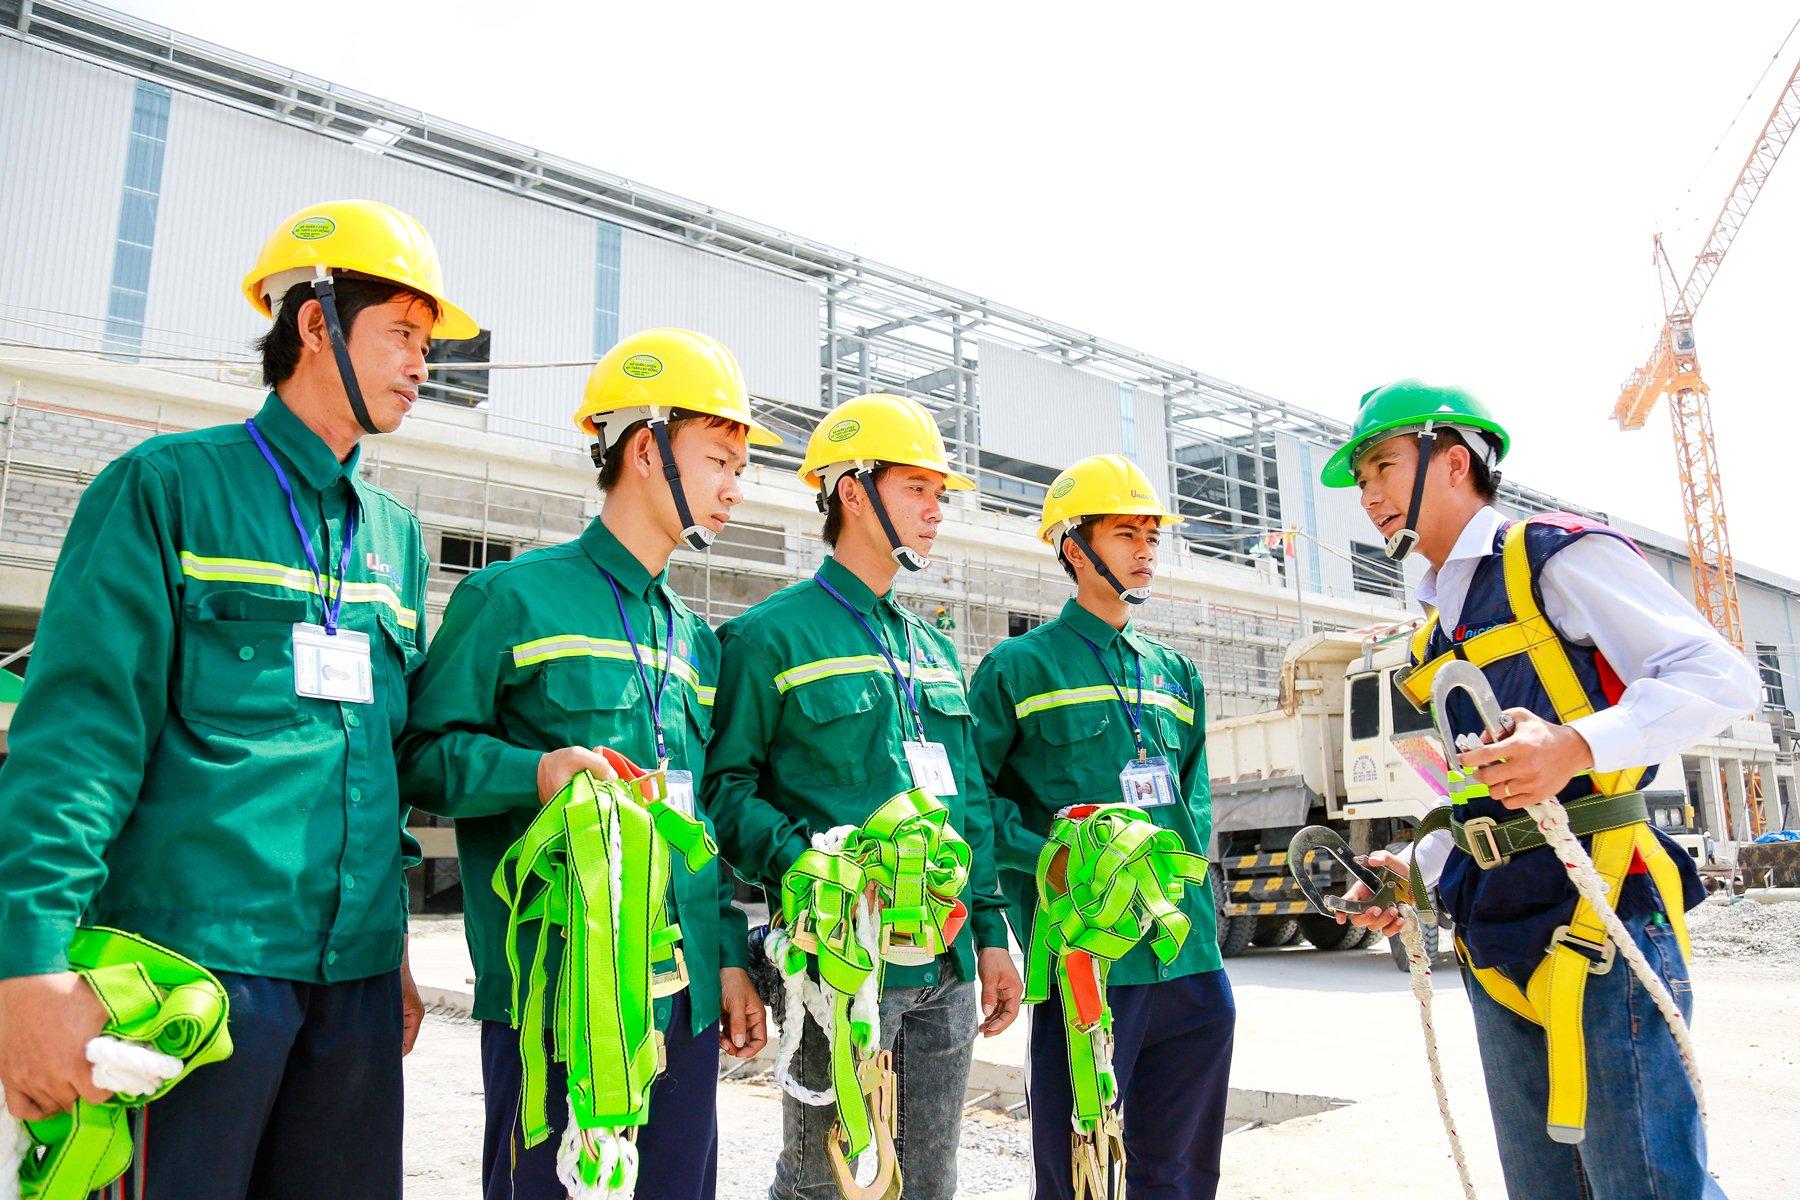 Trách nhiệm của Tổng cục Kỹ thuật đối với việc kiểm tra an toàn, vệ sinh lao động trong Bộ Quốc phòng